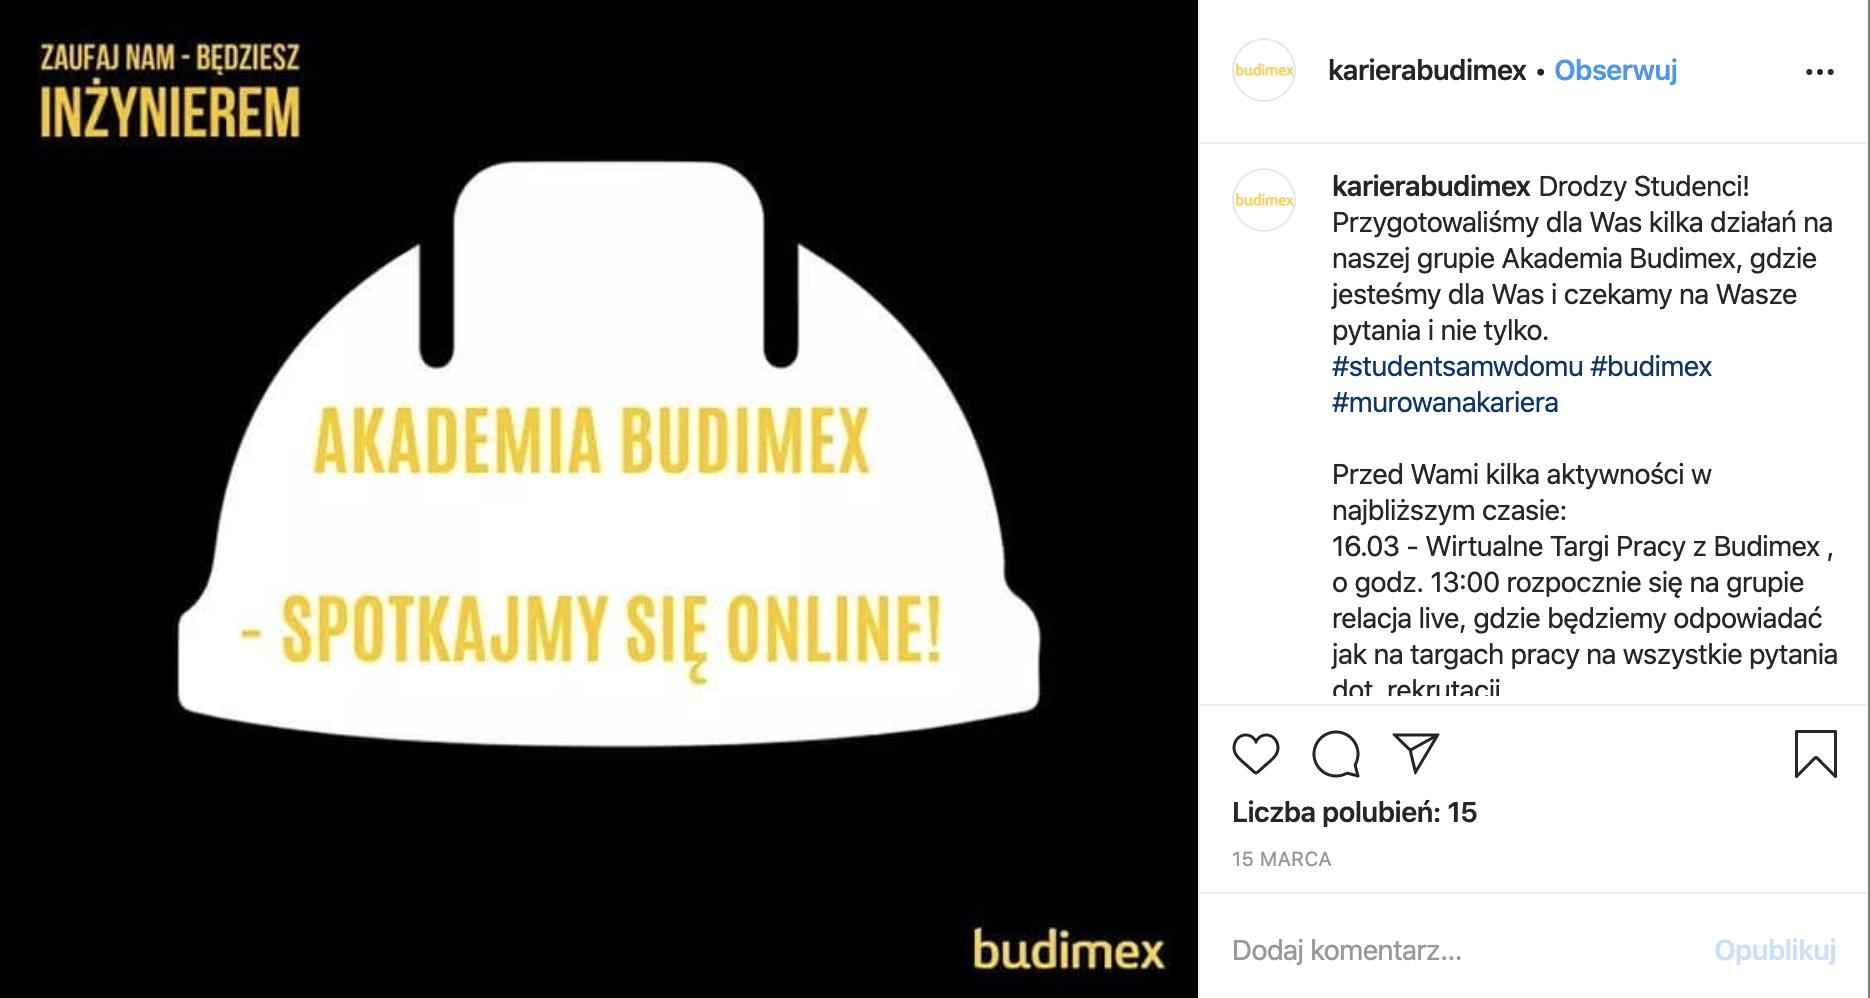 zrzut z instagram Kariera Budimex